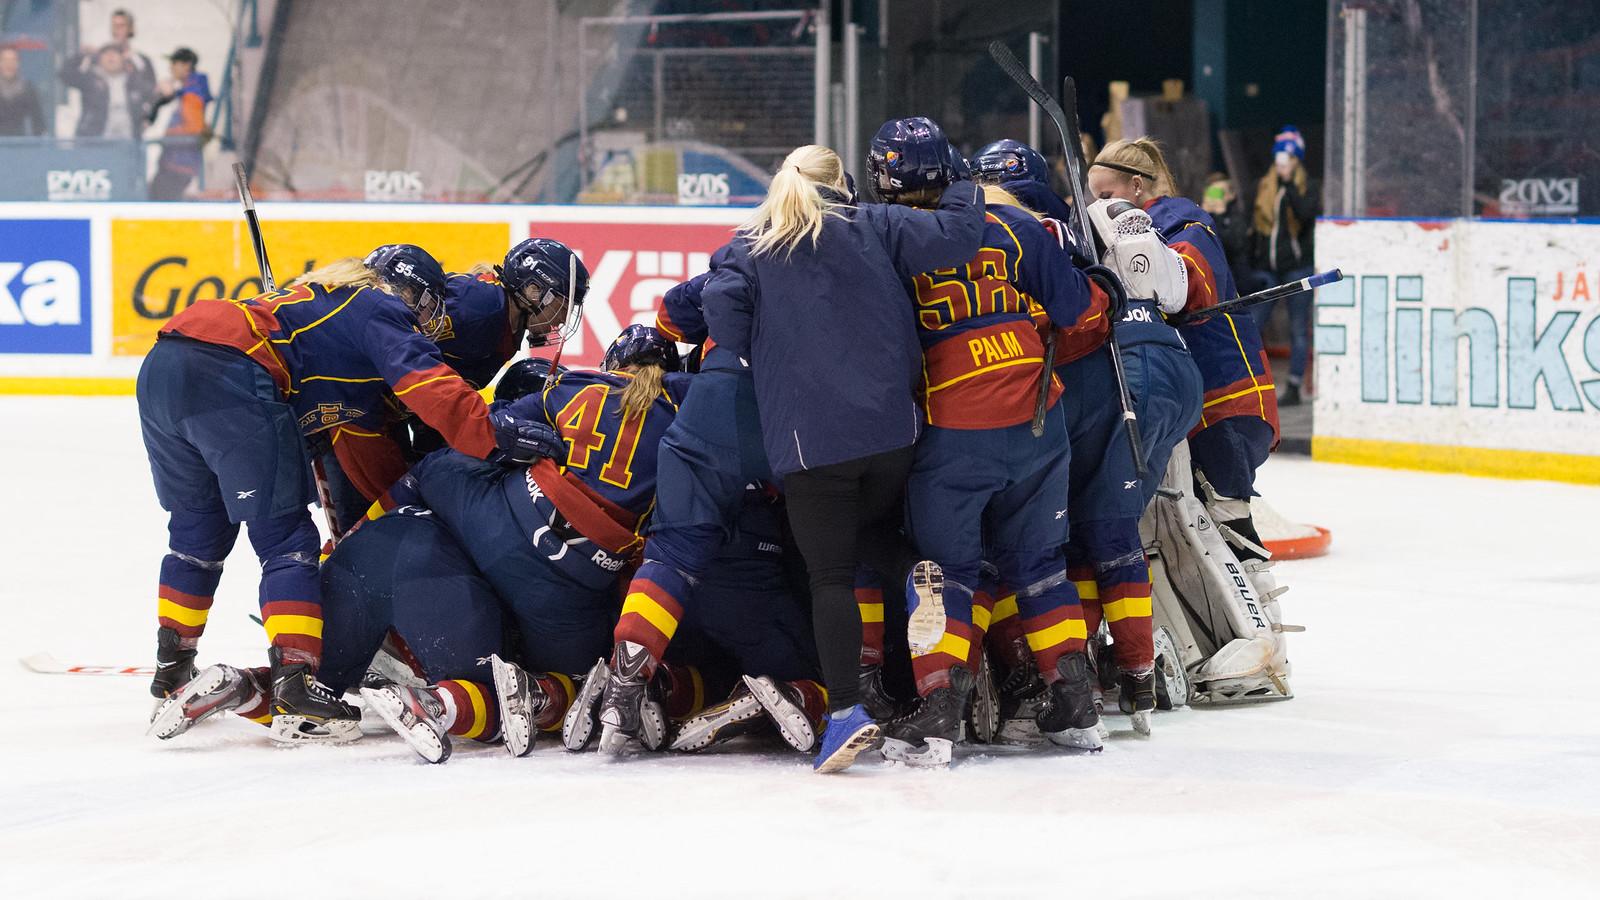 Bildresultat för djurgården damhockey